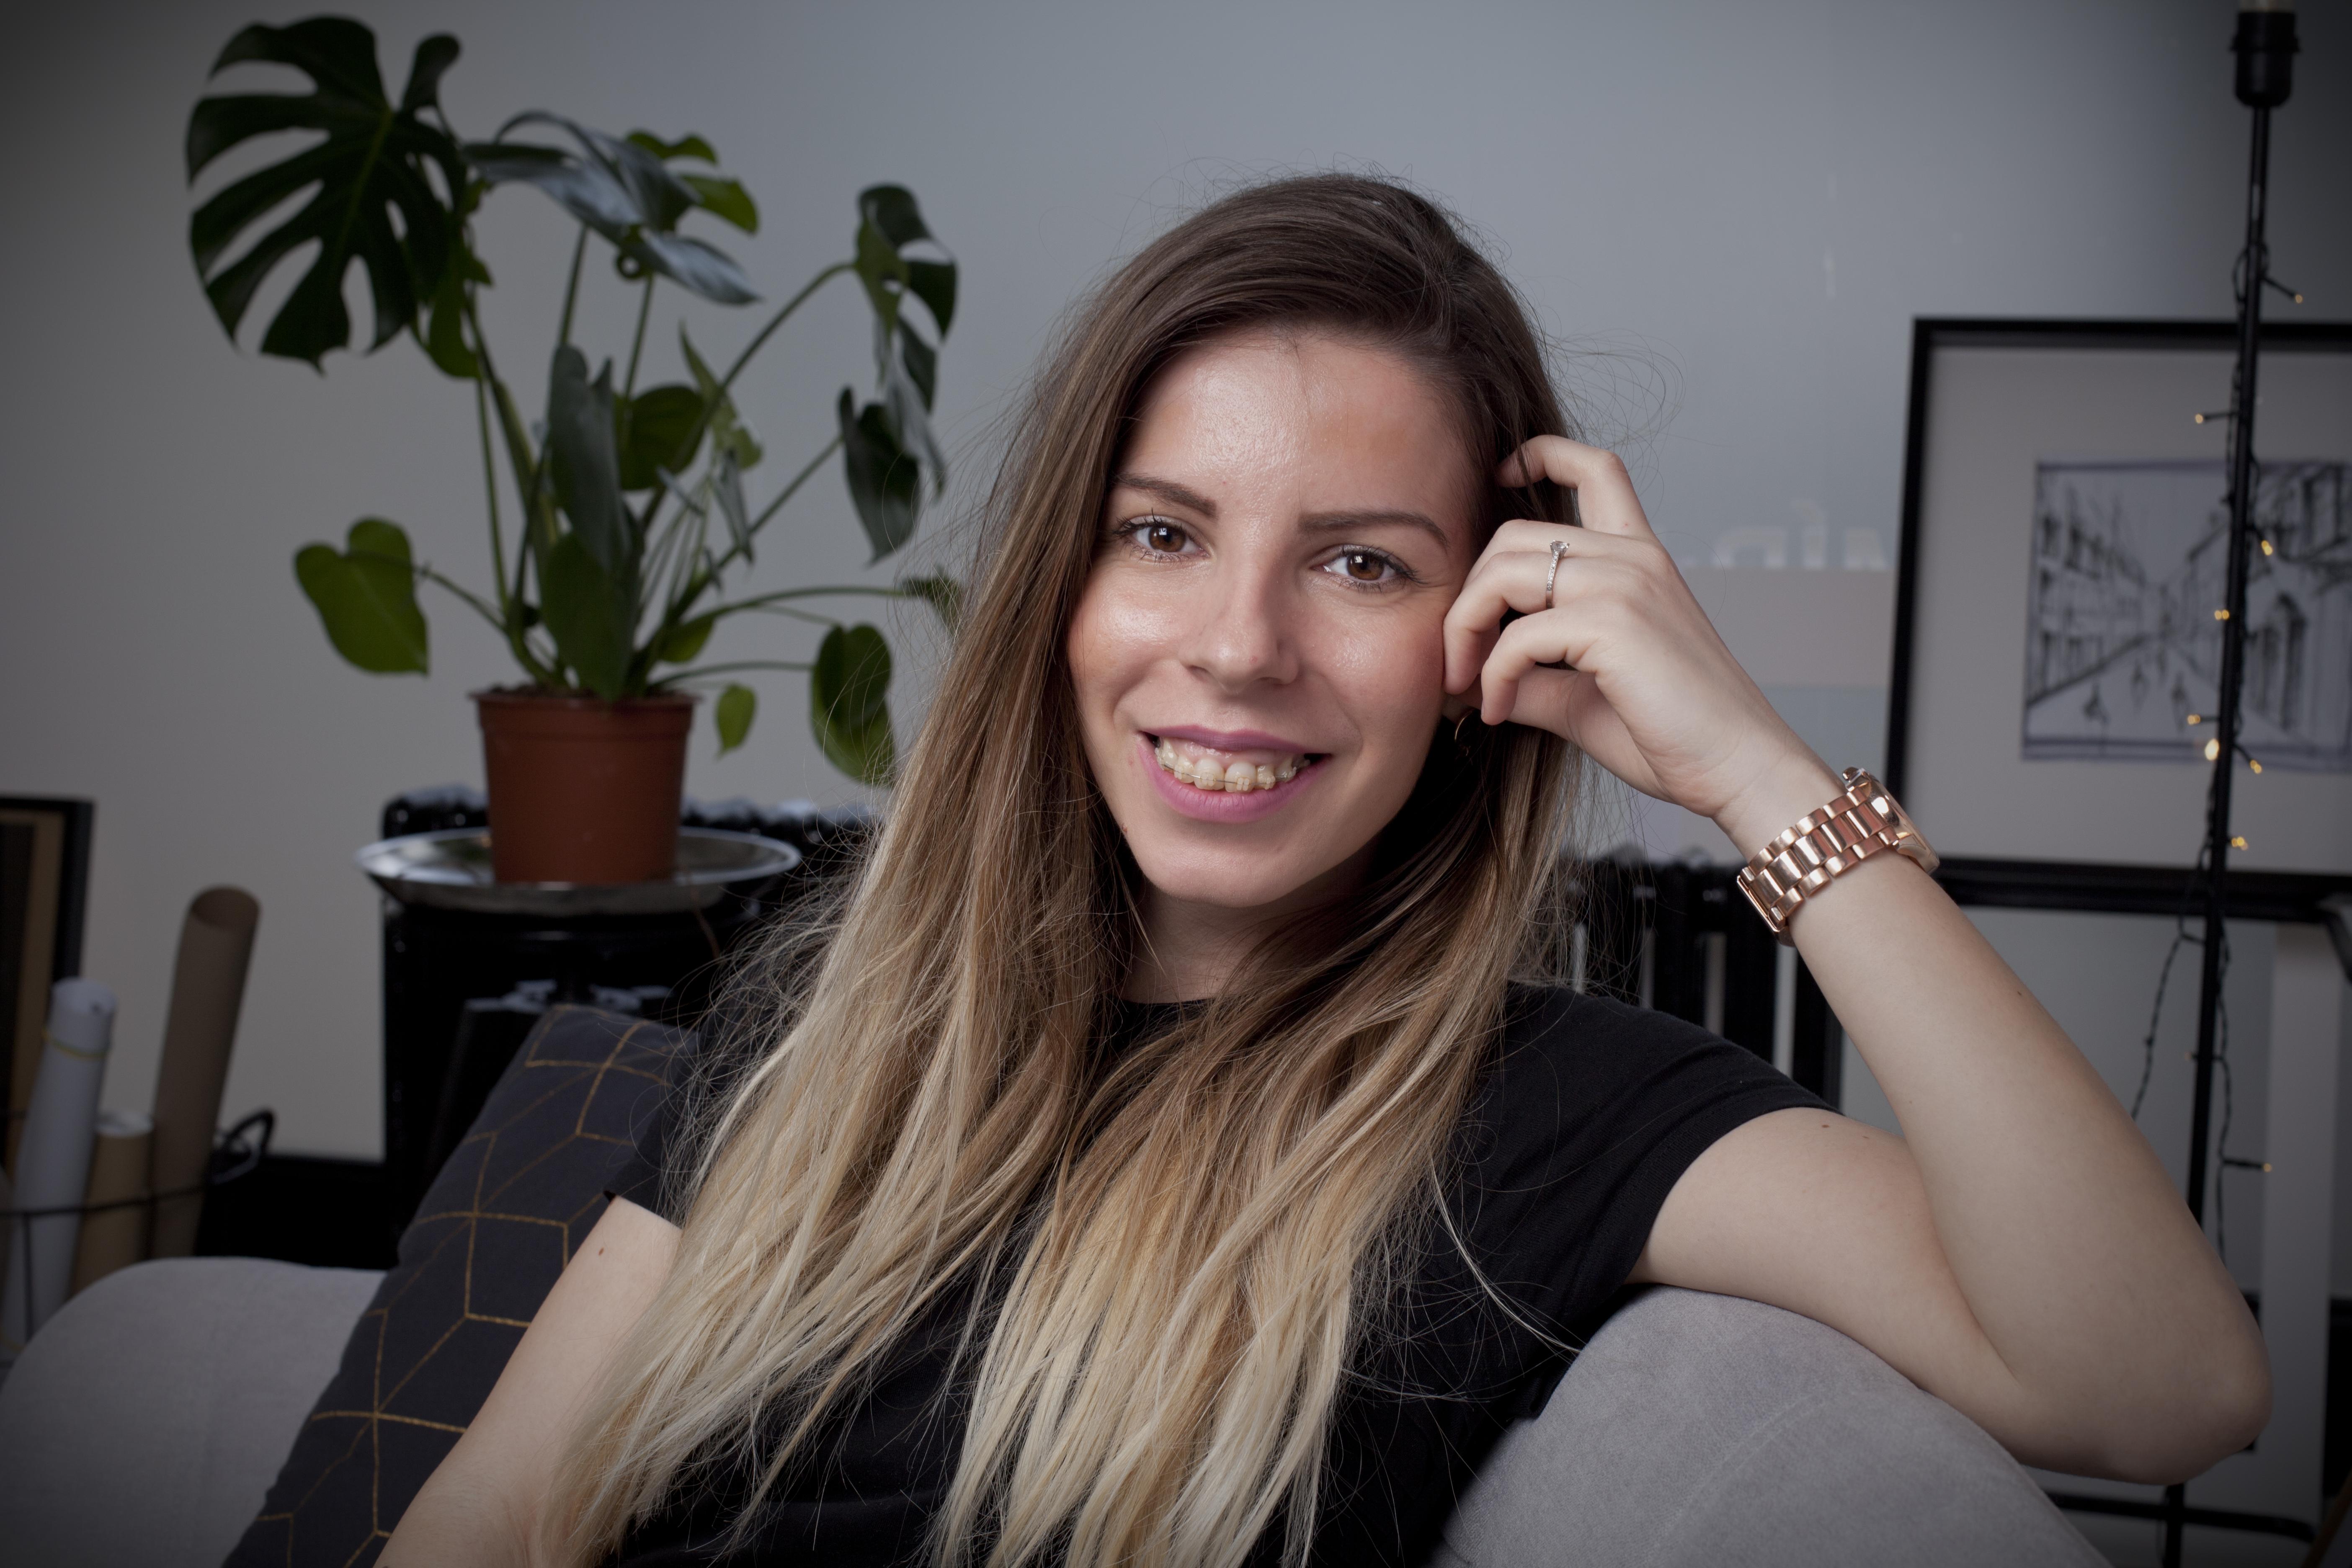 Výtvarníčka Andrea Príbytná: Umenie vnímam ako dar a nástroj, ktorý nás môže posilniť